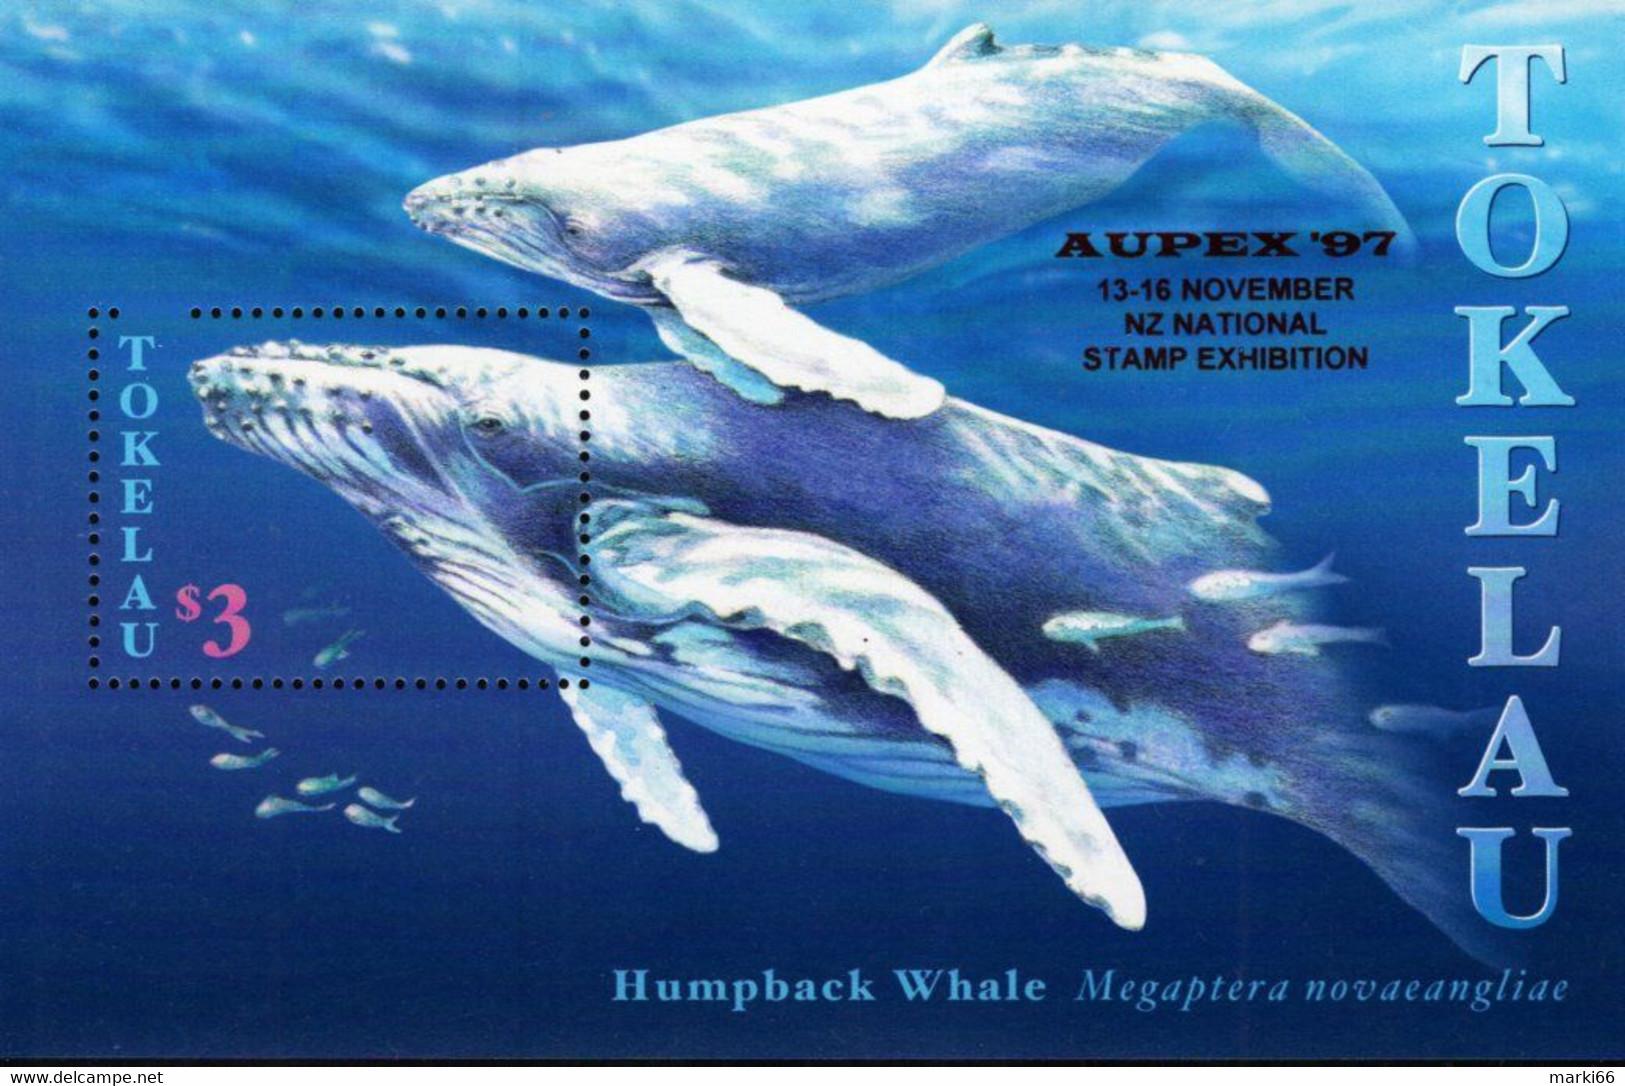 Tokelau - 1997 - Humpback Whale - AUPEX '97 NZ Stamp Exhibition - Mint Souvenir Sheet With Exhibition Overprint - Tokelau